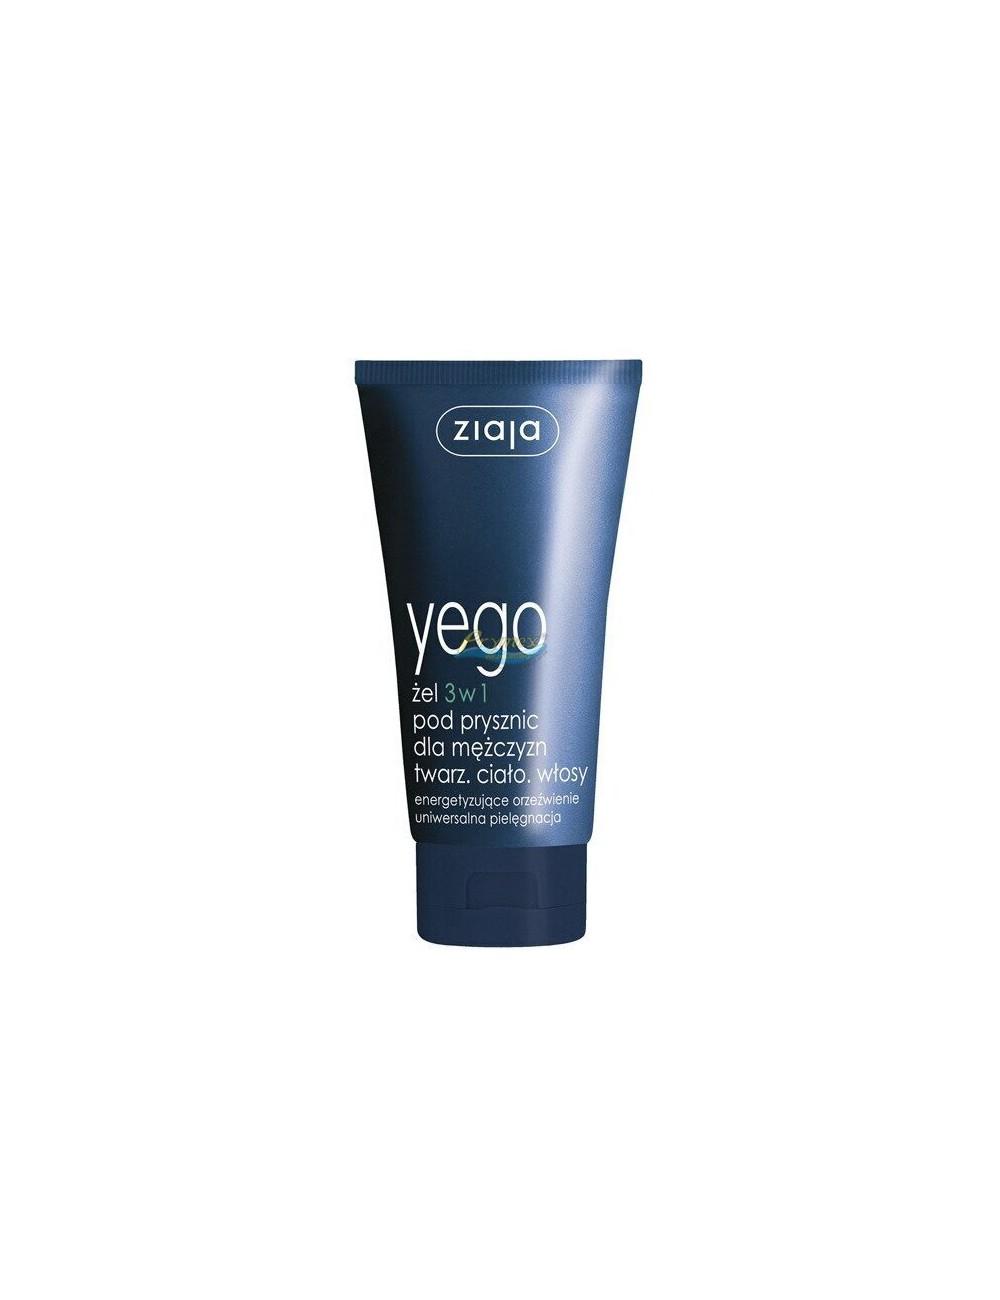 Ziaja Yego Żel pod Prysznic 3-w-1 do Twarzy, Ciała i Włosów dla Mężczyzn 75 ml